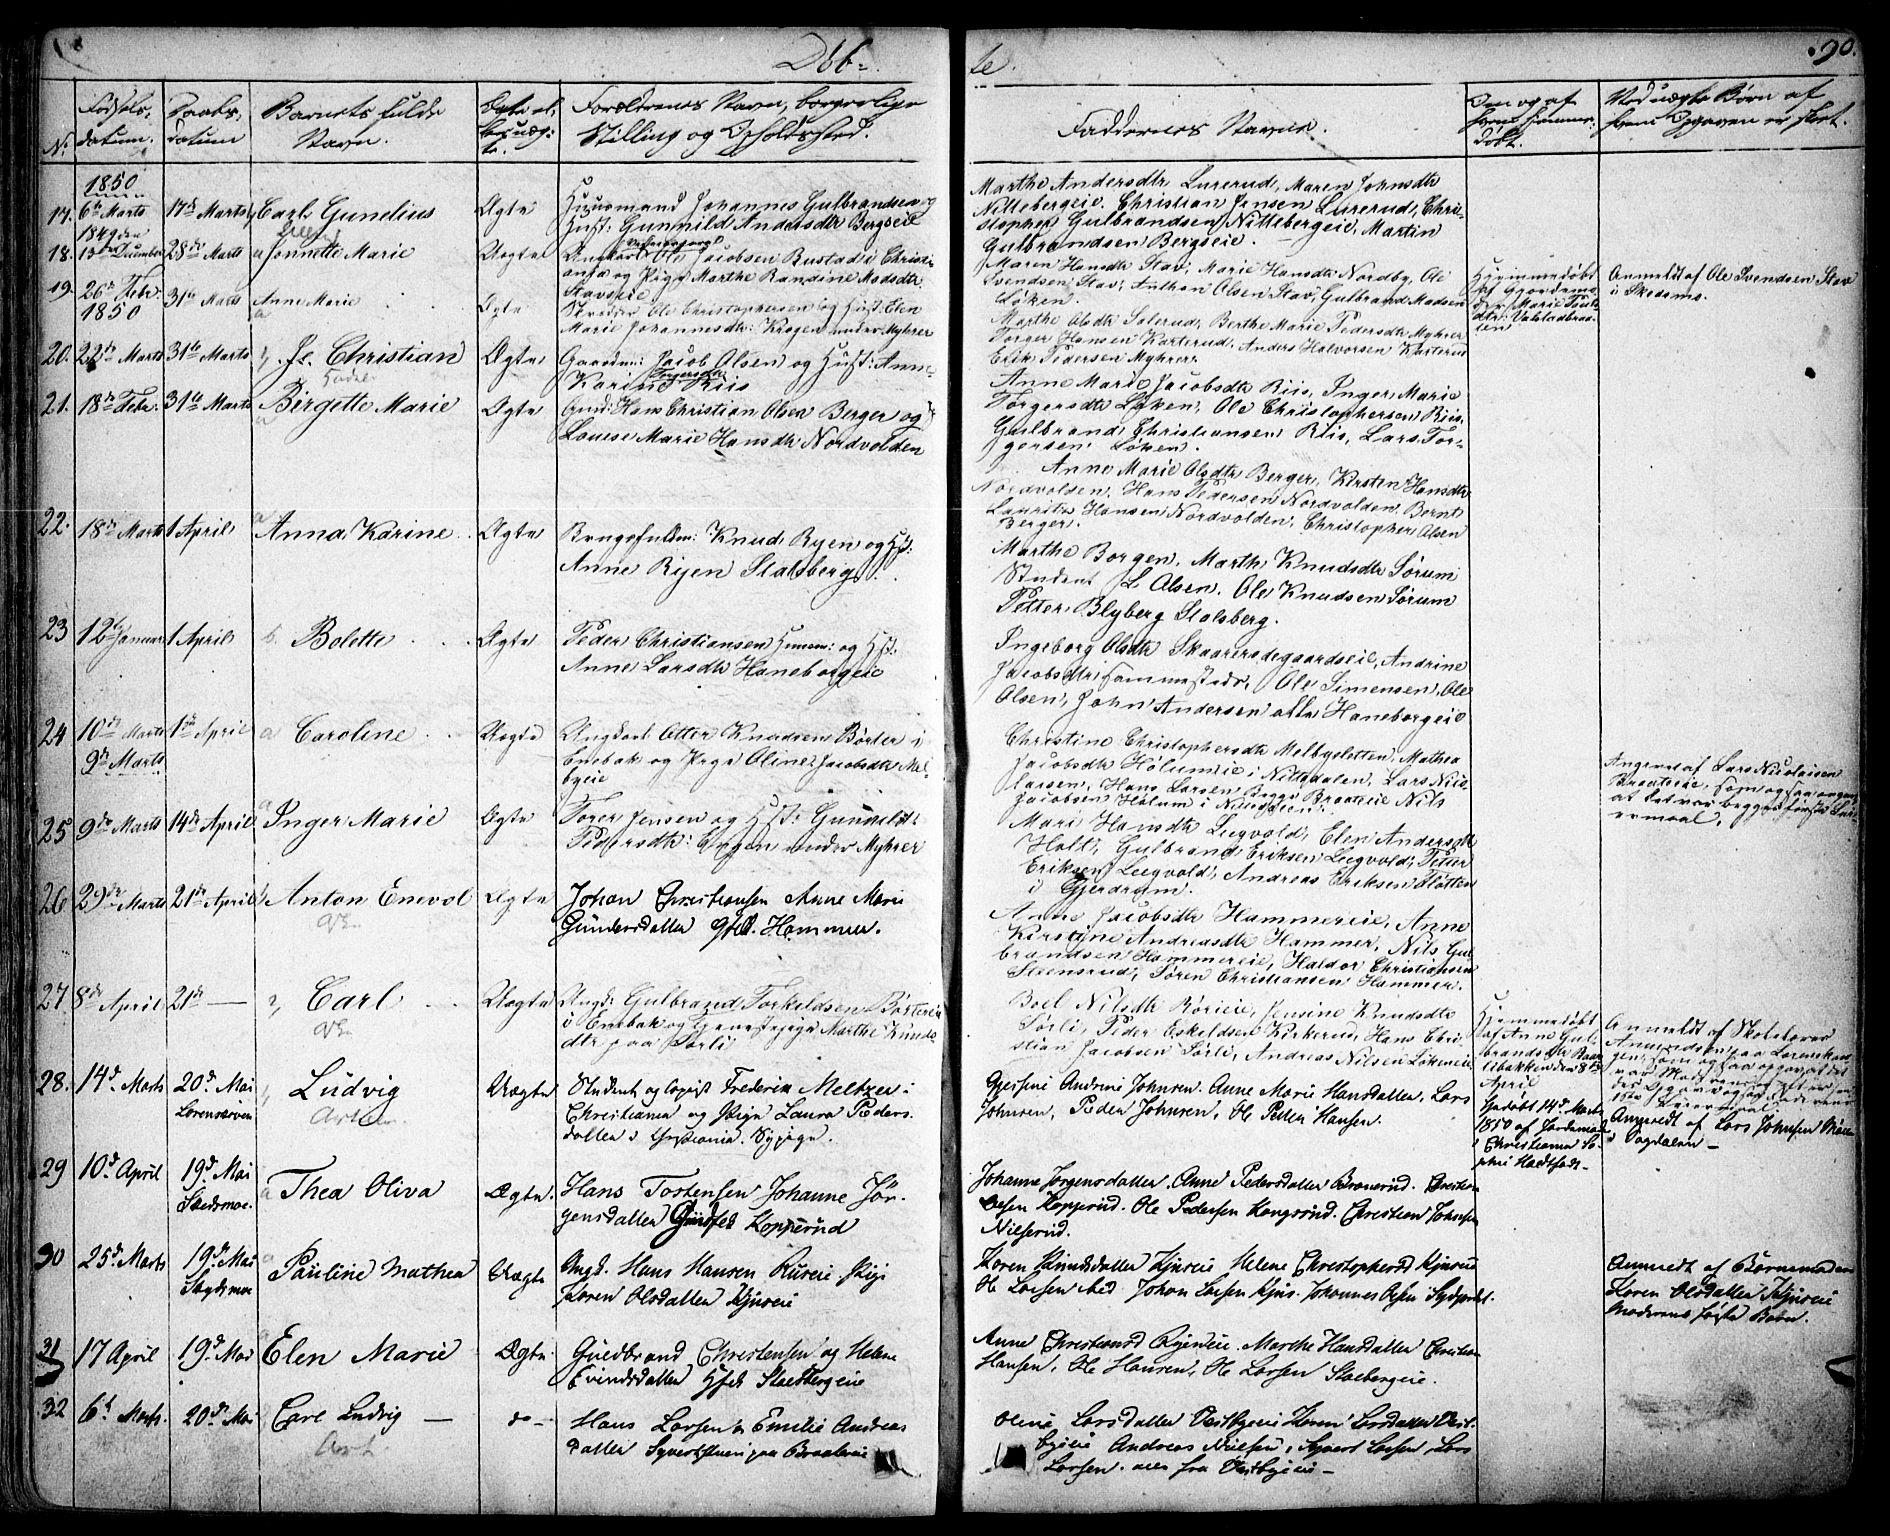 SAO, Skedsmo prestekontor Kirkebøker, F/Fa/L0009: Ministerialbok nr. I 9, 1830-1853, s. 90